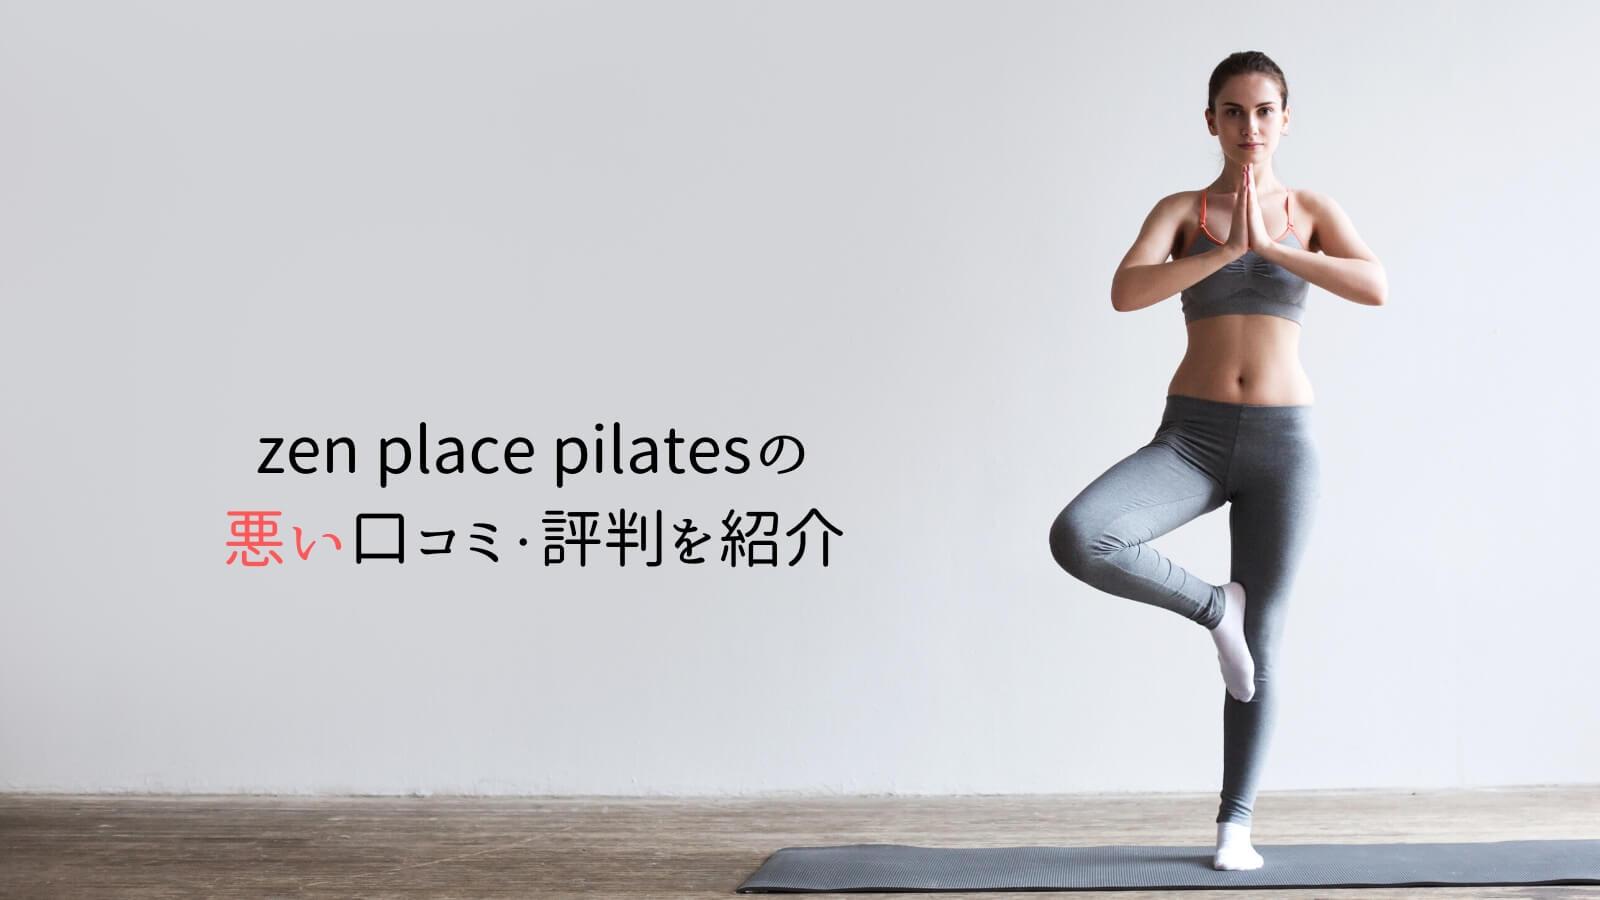 【口コミ】体験に行って思ったzen place pilates(ゼンプレイスピラティス)の悪いところ